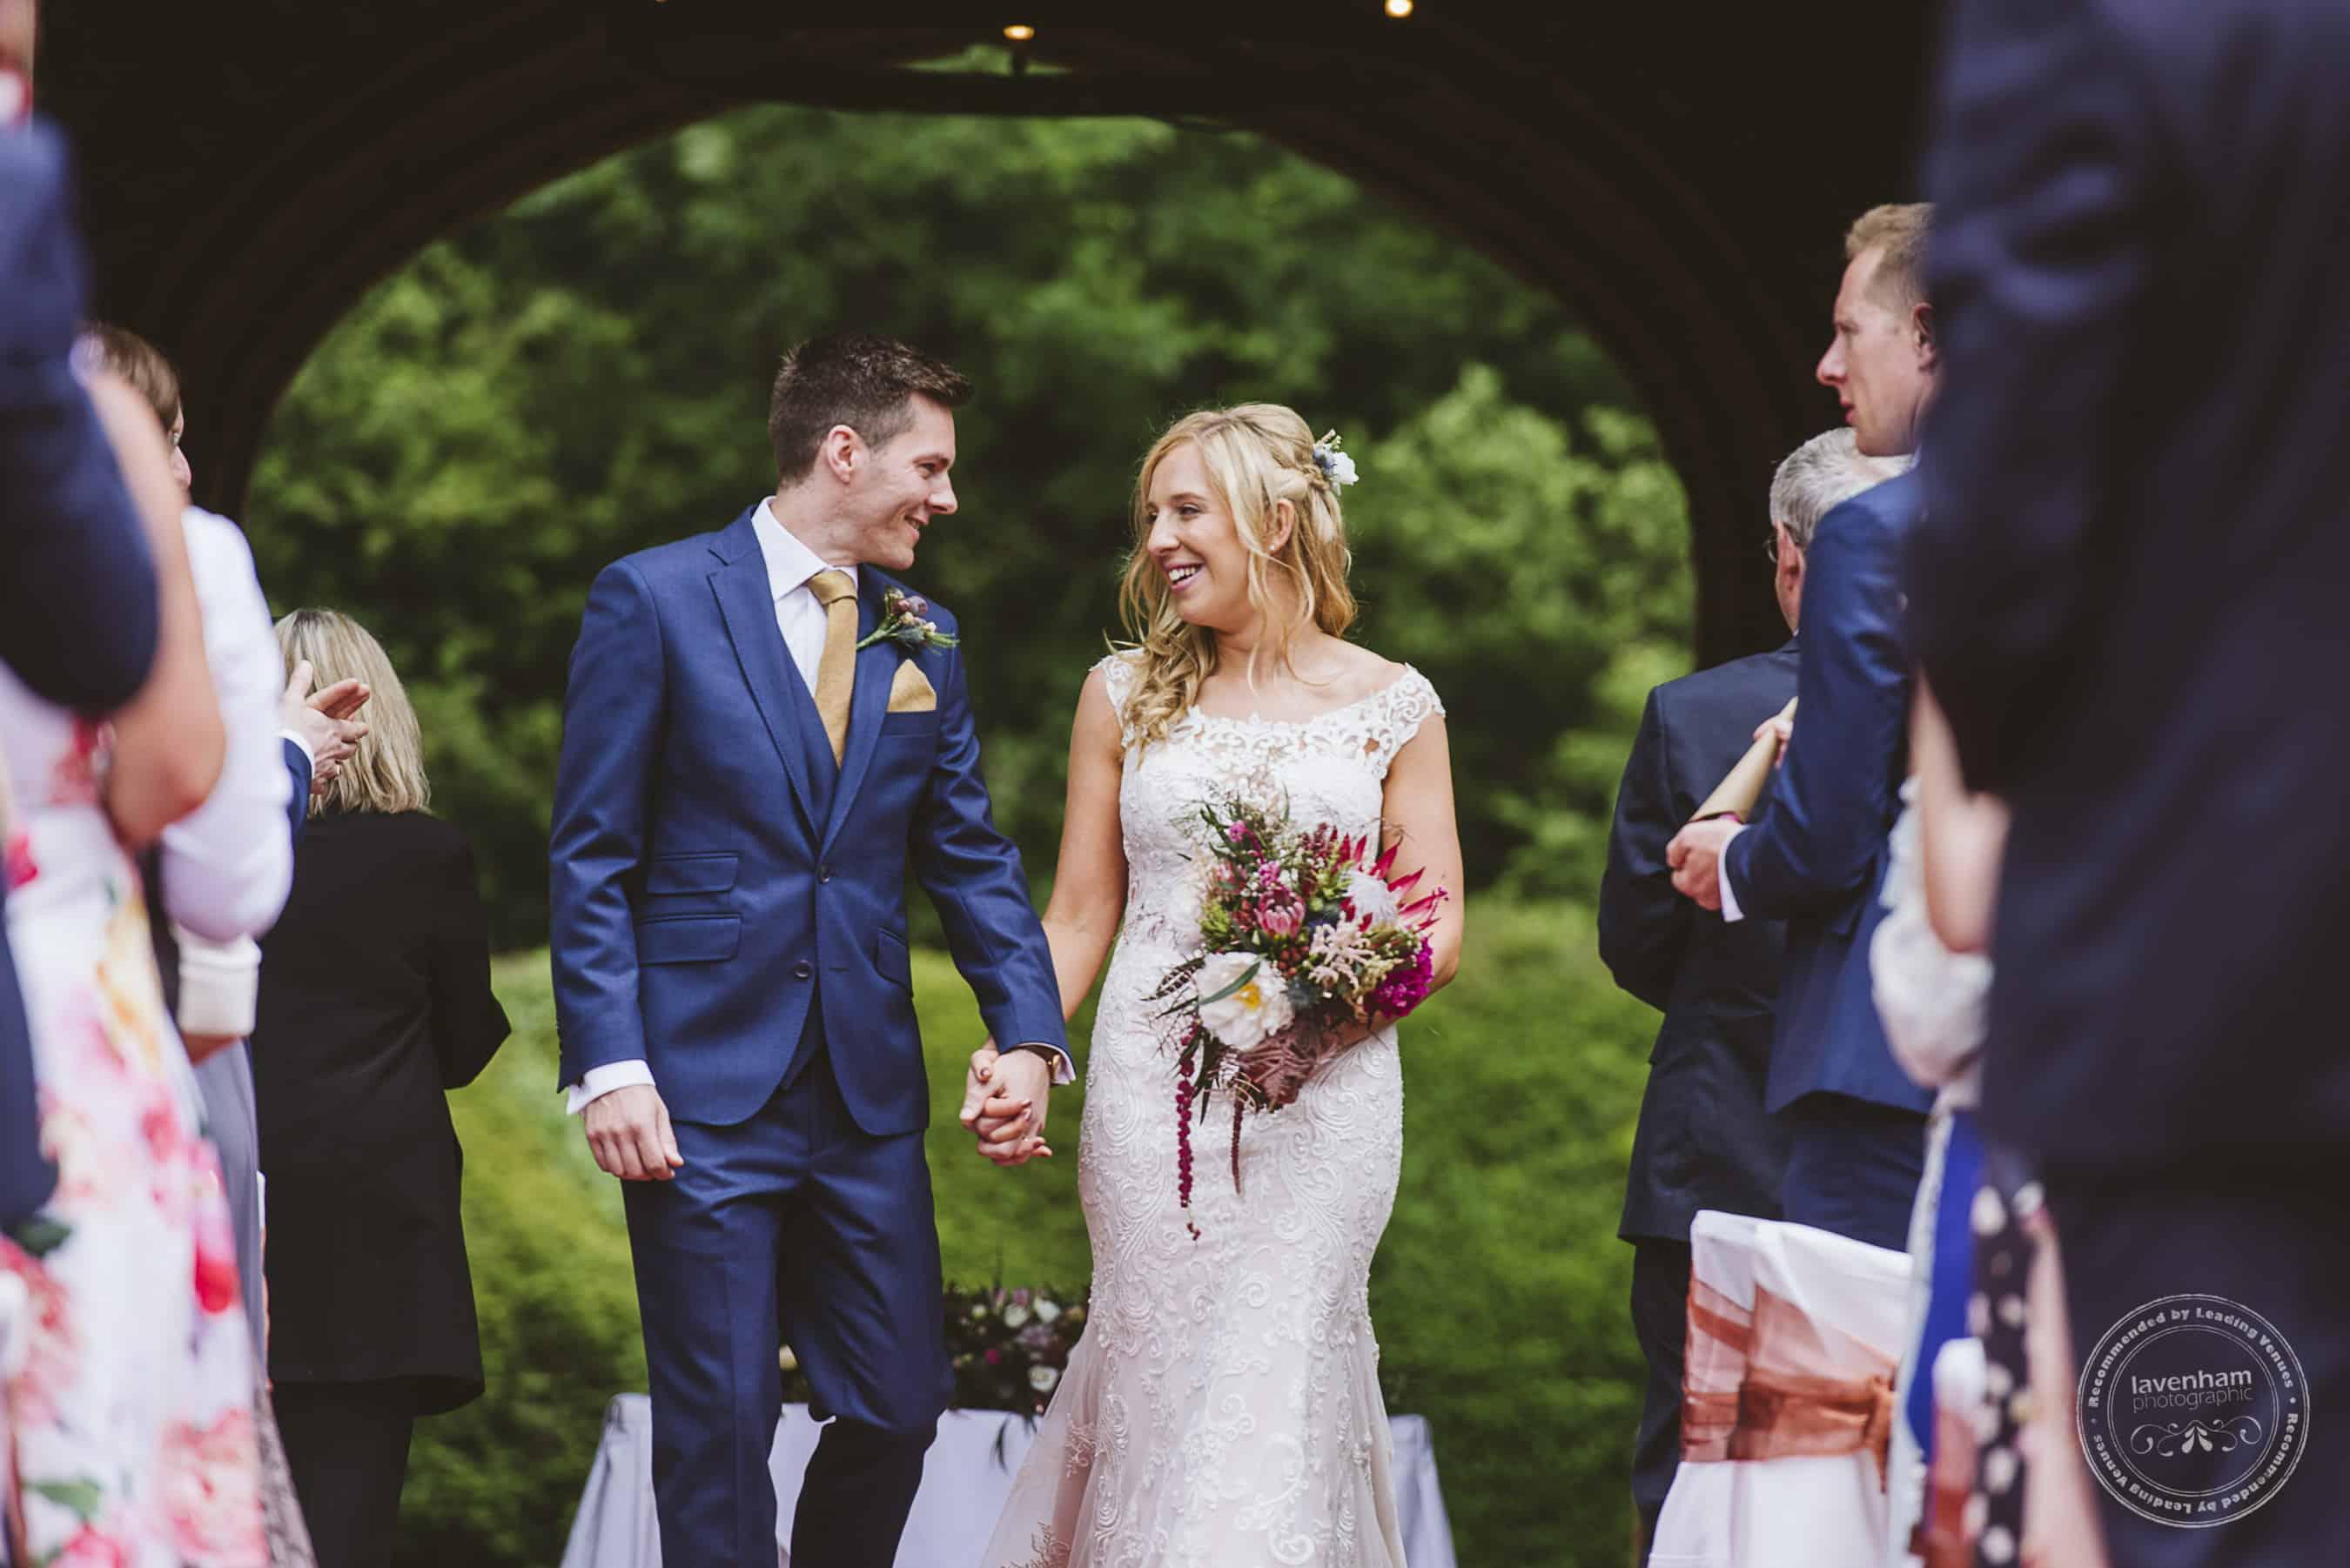 020618 Leez Priory Wedding Photography Lavenham Photographic 064